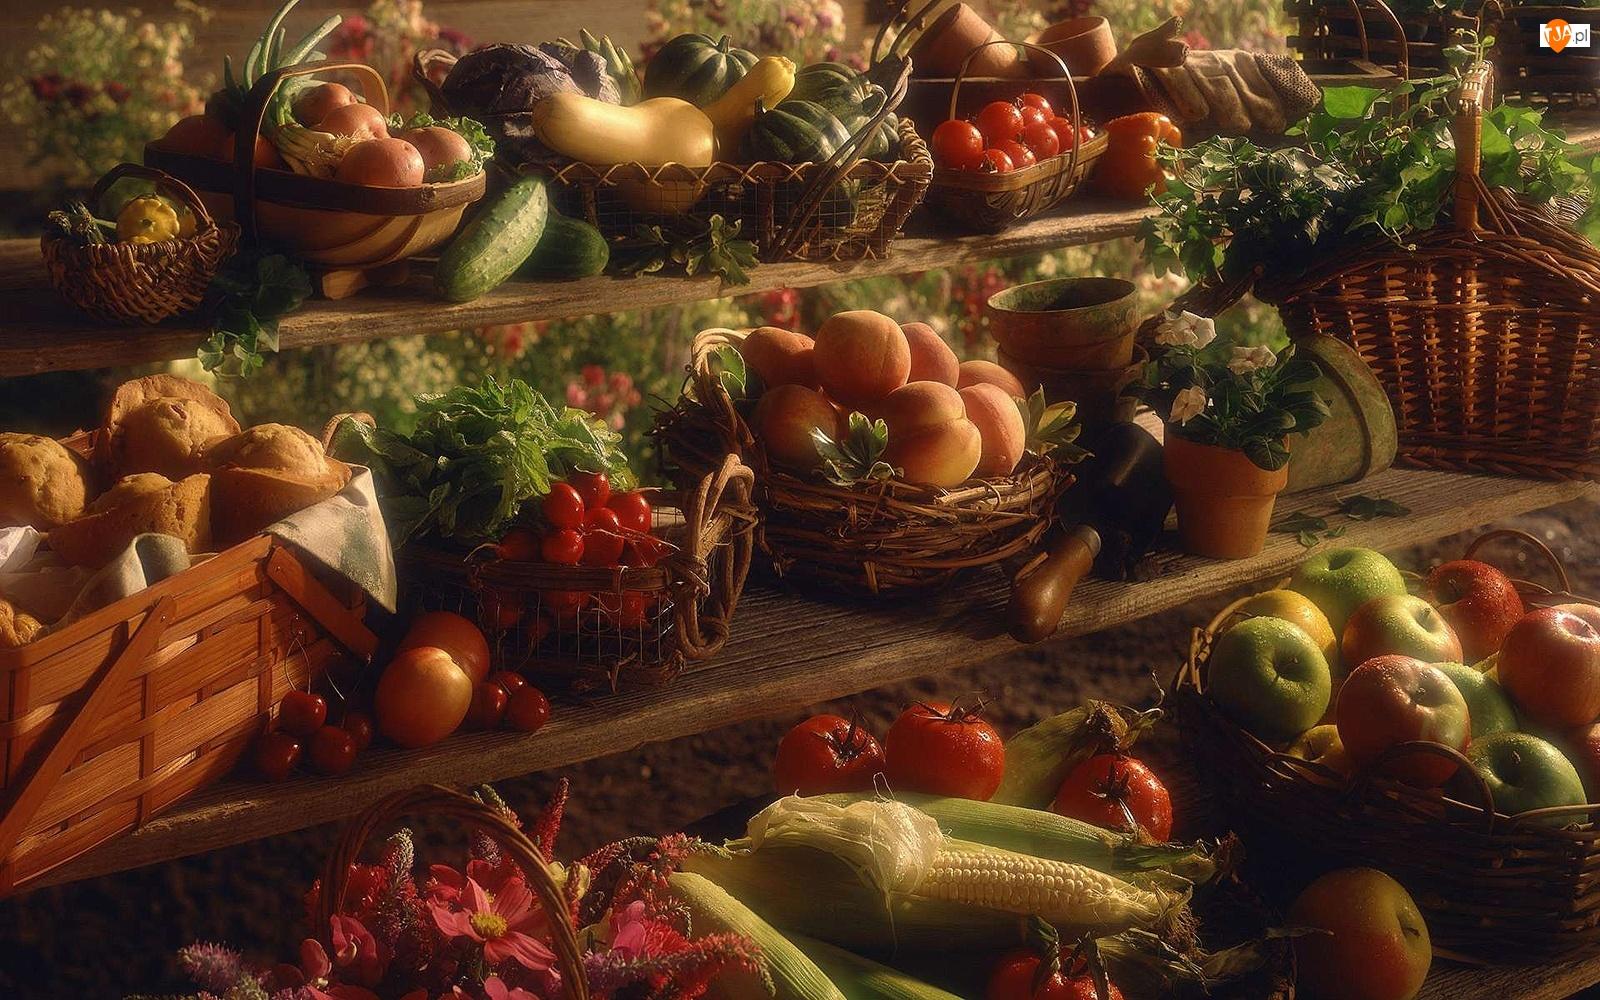 Kukurydza, Brzoskwinie, Ogórki, Cukinie, Jabłka, Rzodkiewki, Stragan, Pomidory